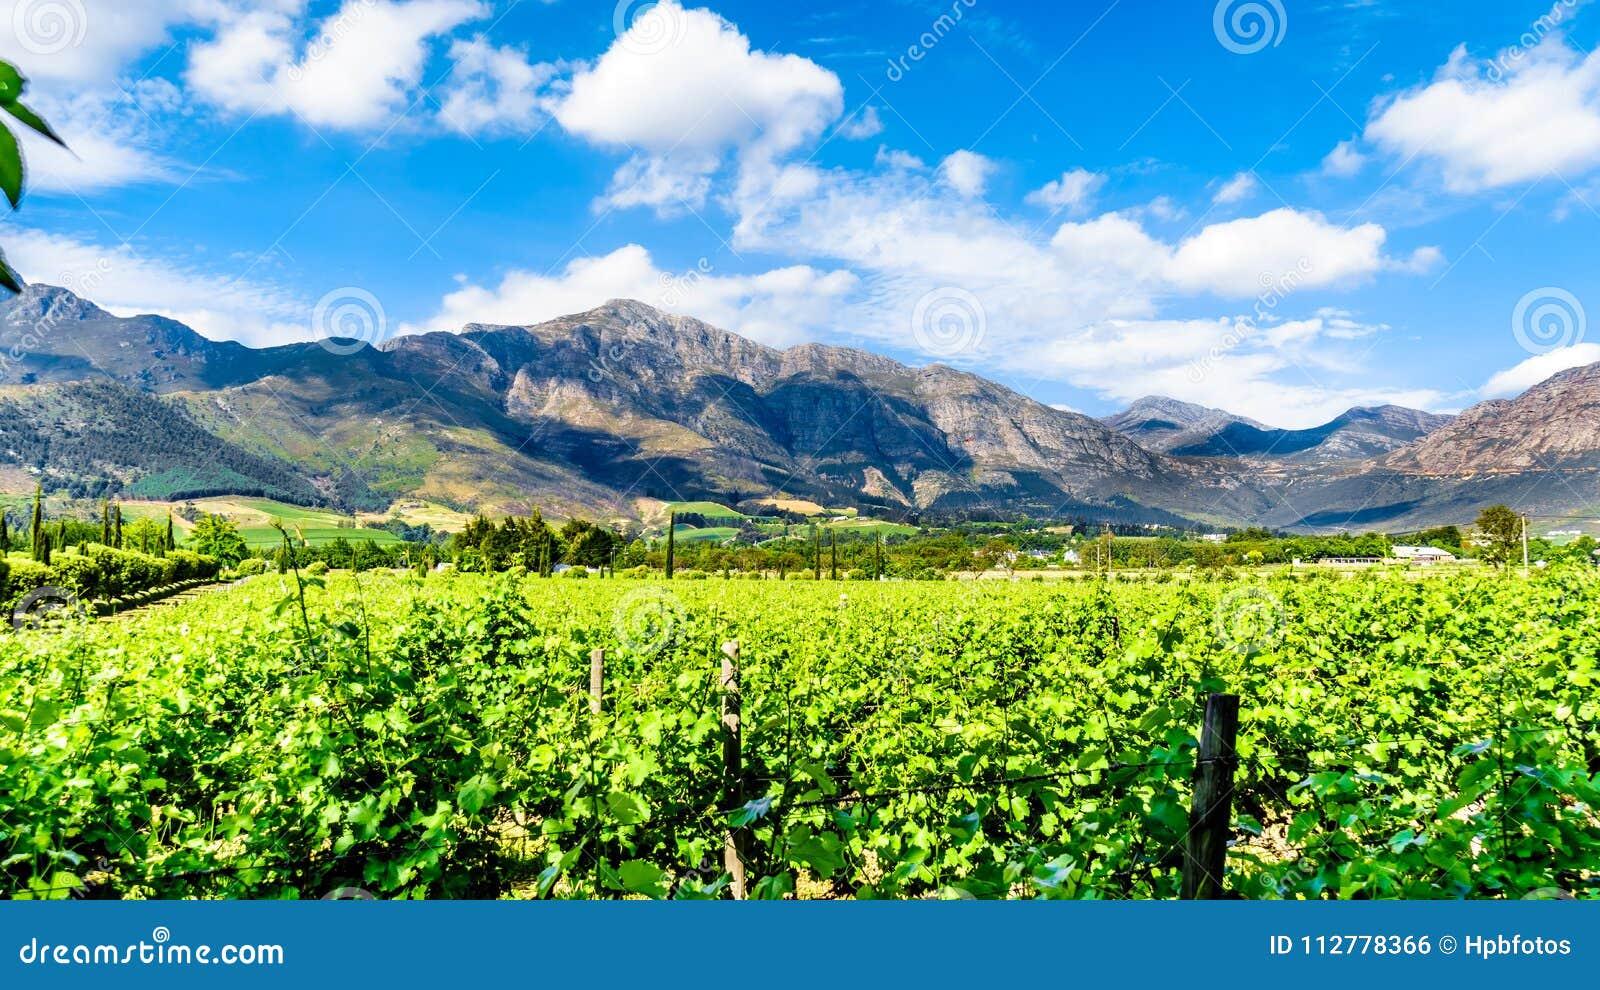 Weinberge des Kaps Winelands im Franschhoek-Tal im Westkap von Südafrika, unter dem umgebenden Drakenstein